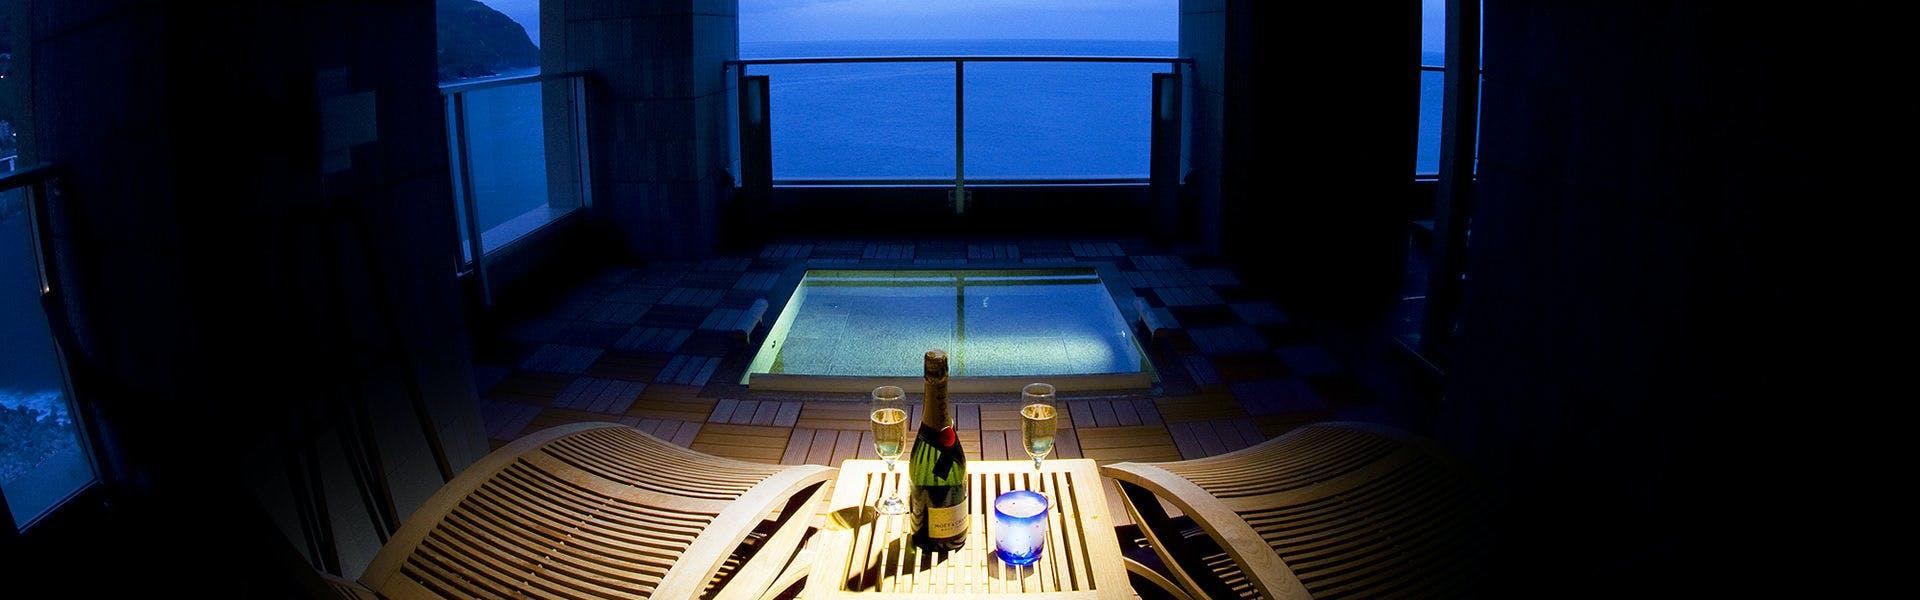 記念日におすすめのホテル・食べるお宿 浜の湯の写真3